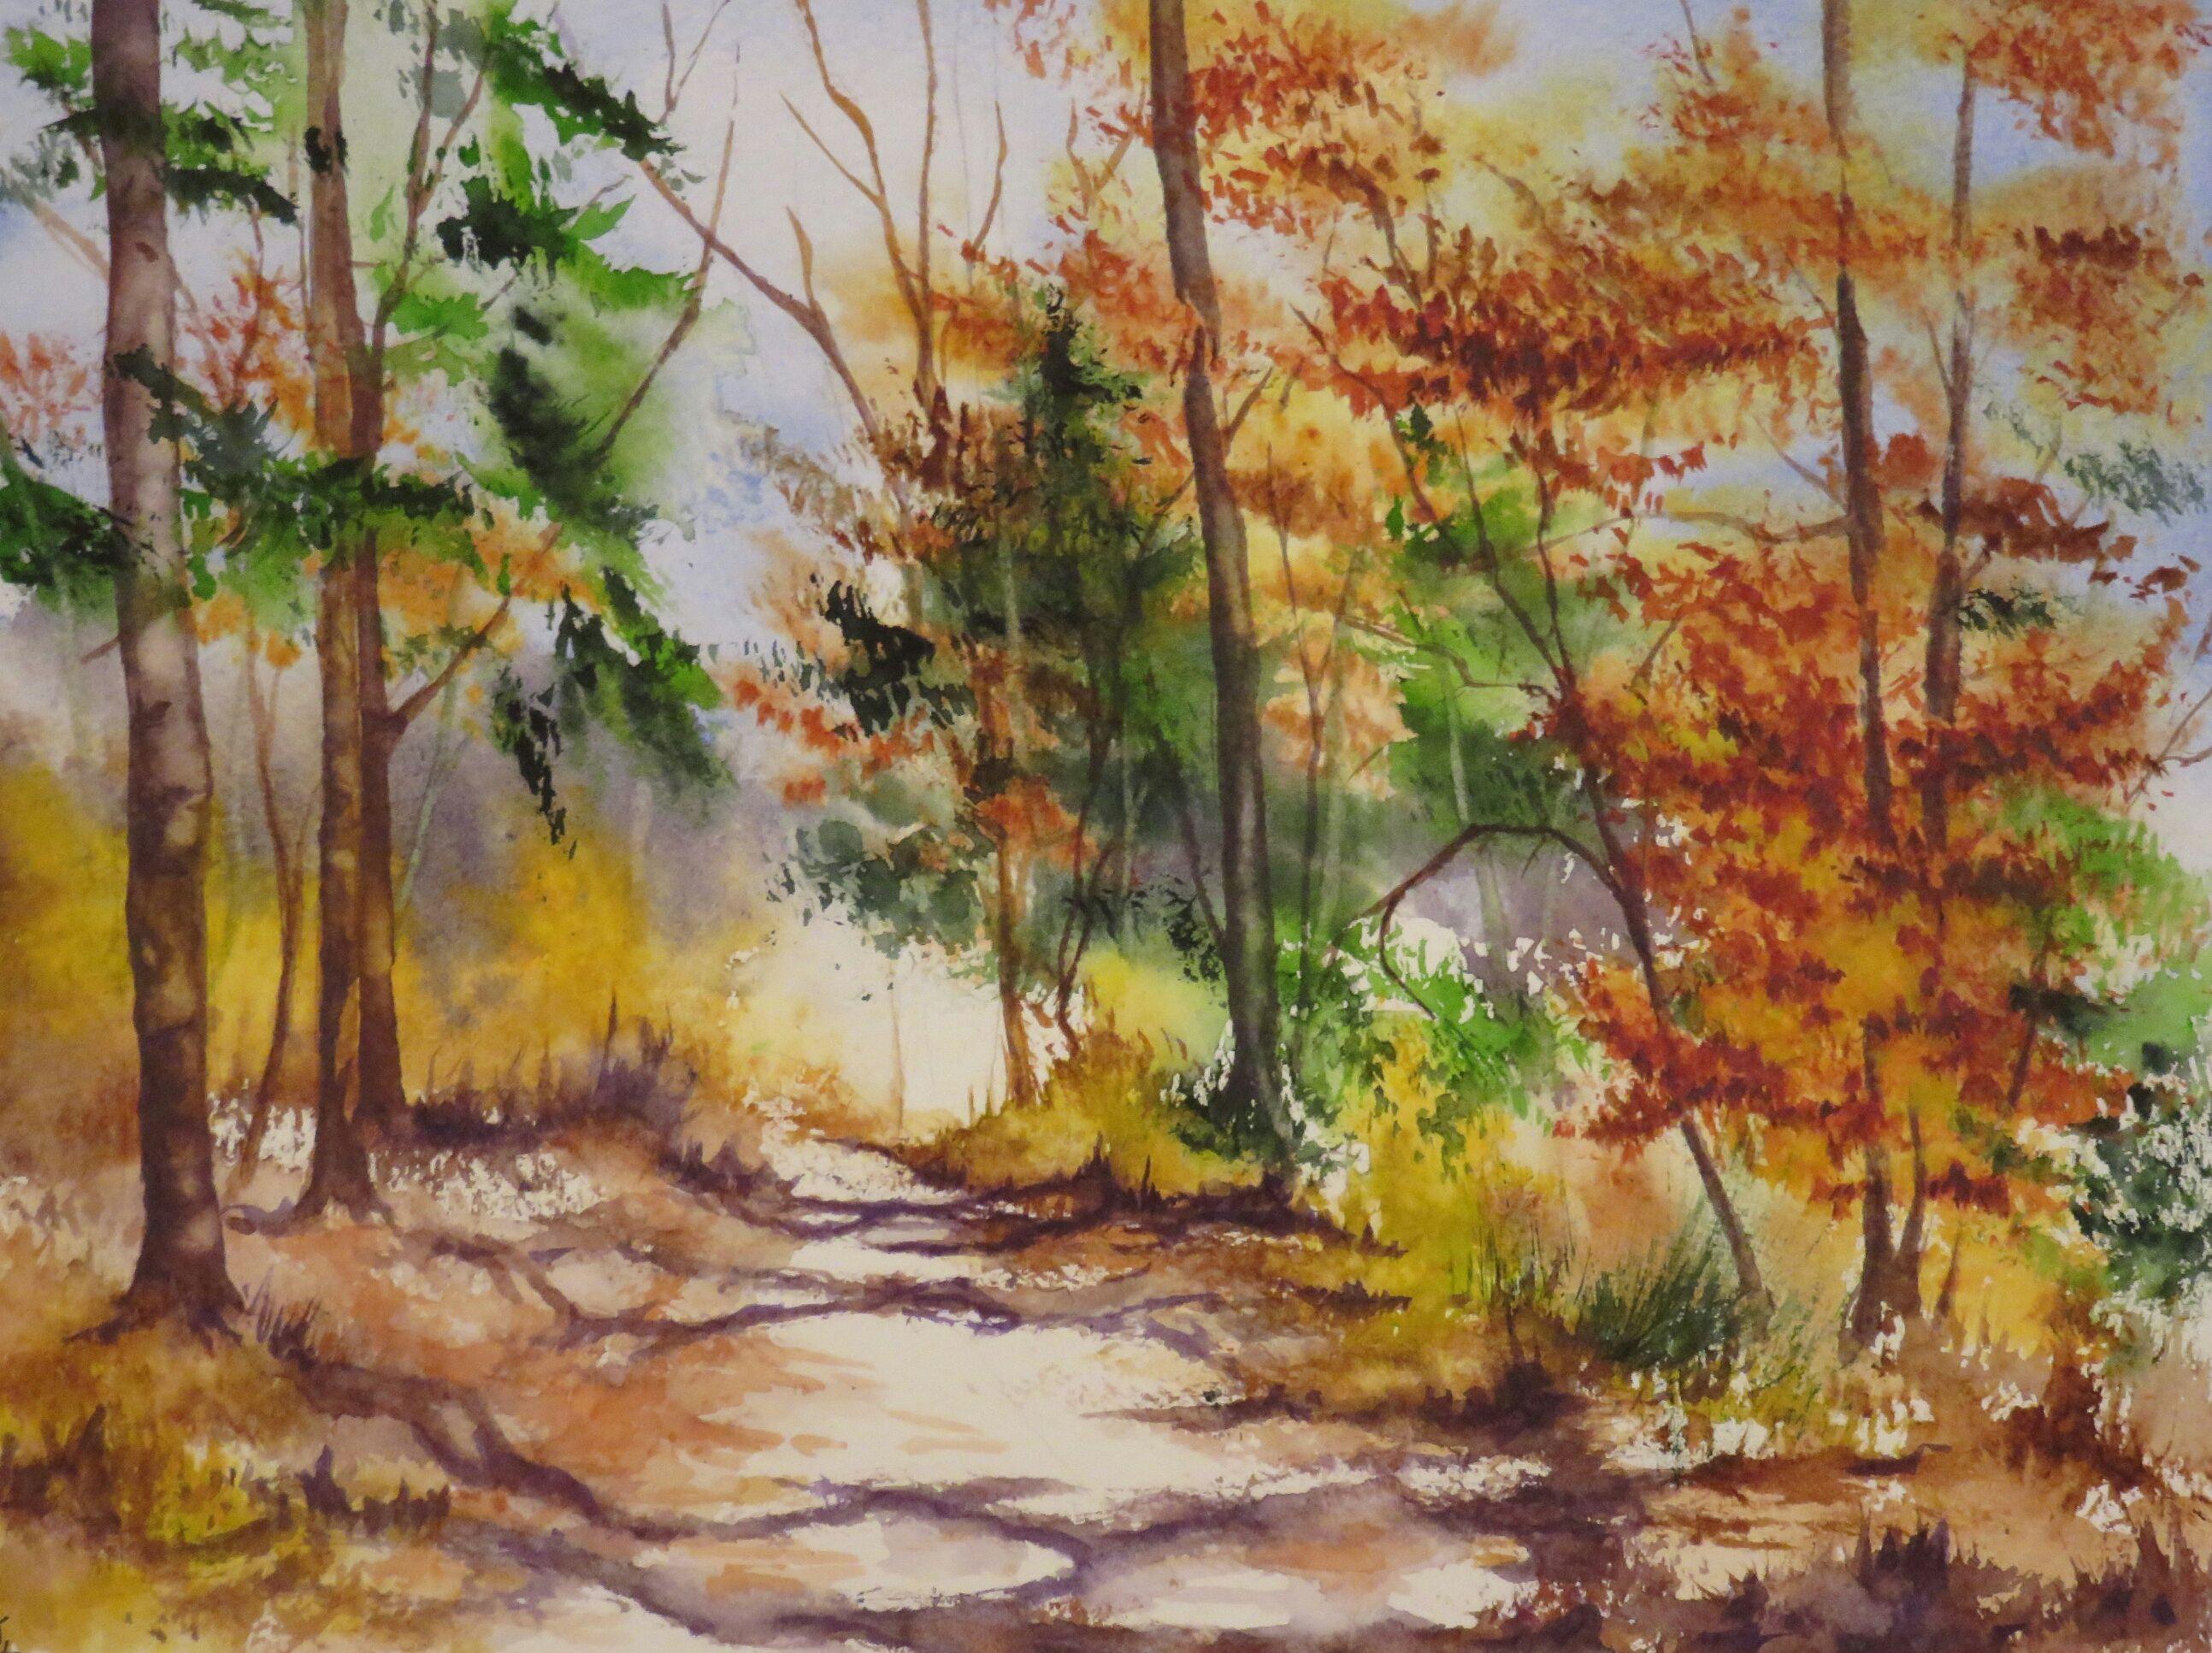 23x31cm fin d 39 automne aquarelle abby aquarelles 2016 pinterest aquarelle paysage - Paysage d automne dessin ...